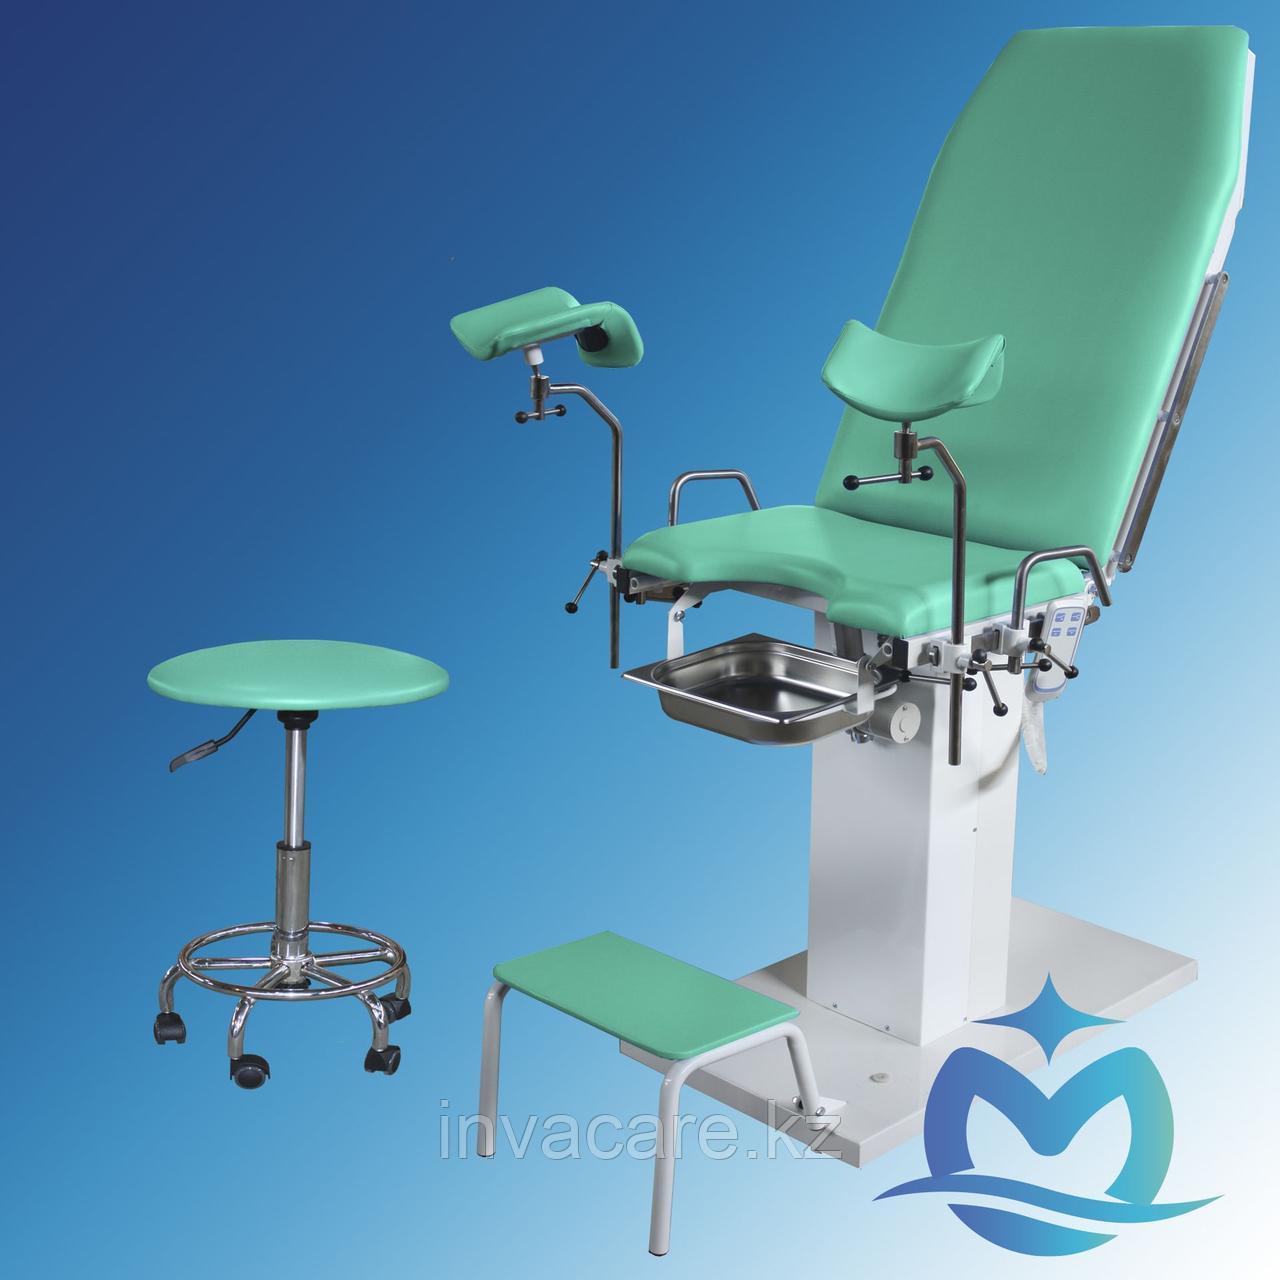 Кресло гинекологическое КГ-01 ОКА-МЕДИК (электроприводное изменение углов наклона спинки и сиденья)